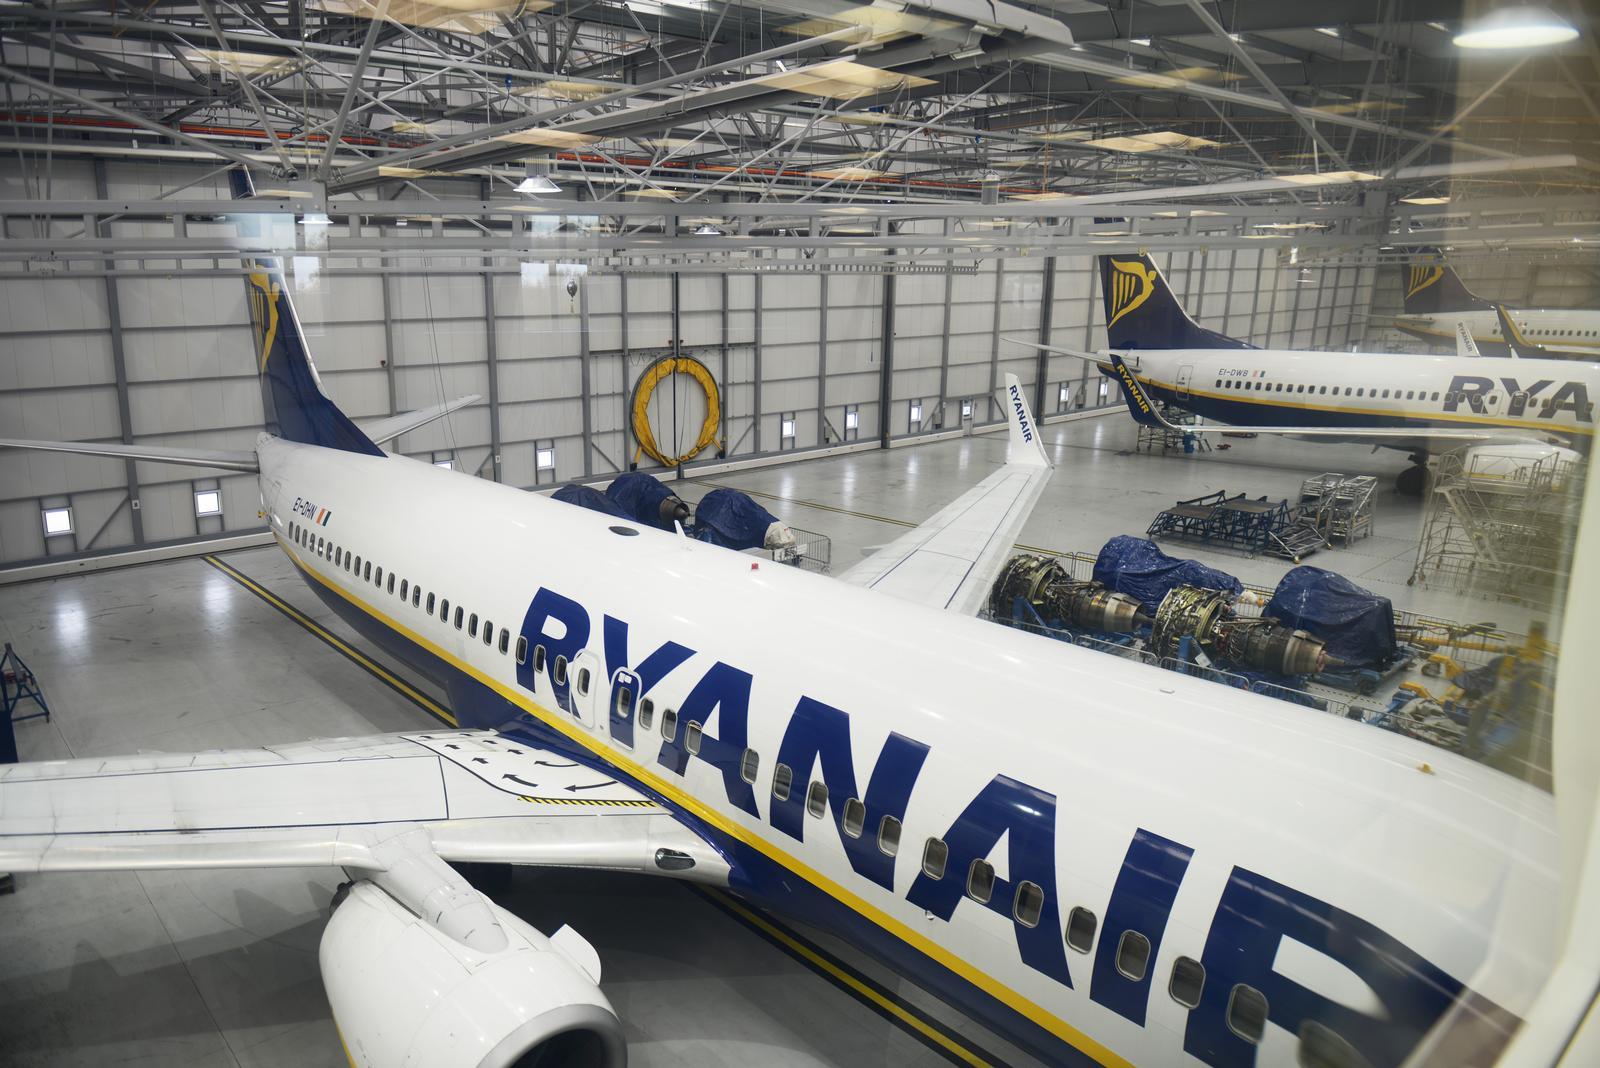 Ryanair-hangar i Dublin Lufthavn (Foto: Joakim J Hvistendahl)